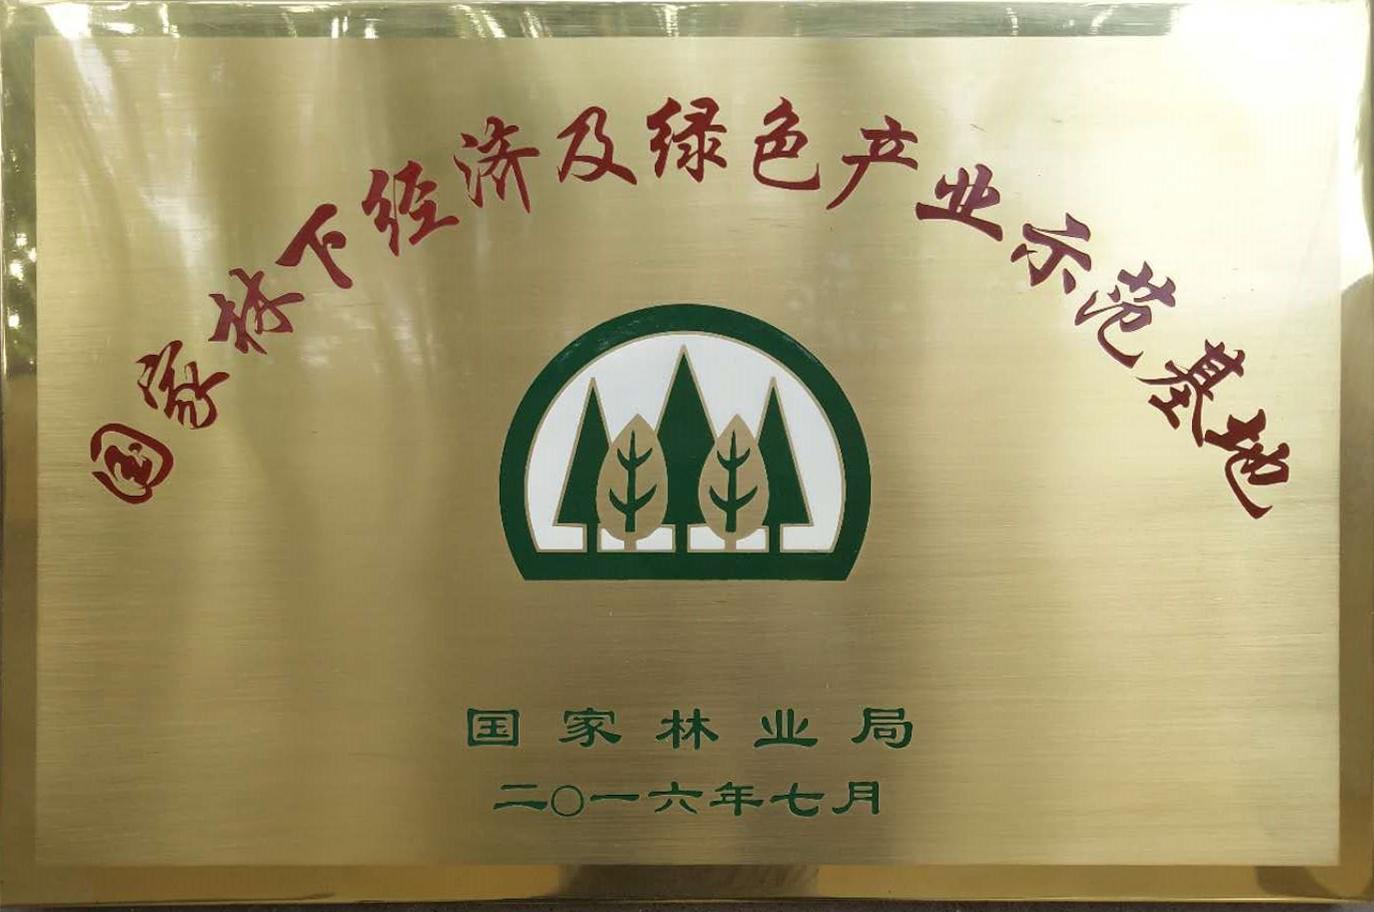 2016国家林下经济及绿色产业示范基地(国家林业局)